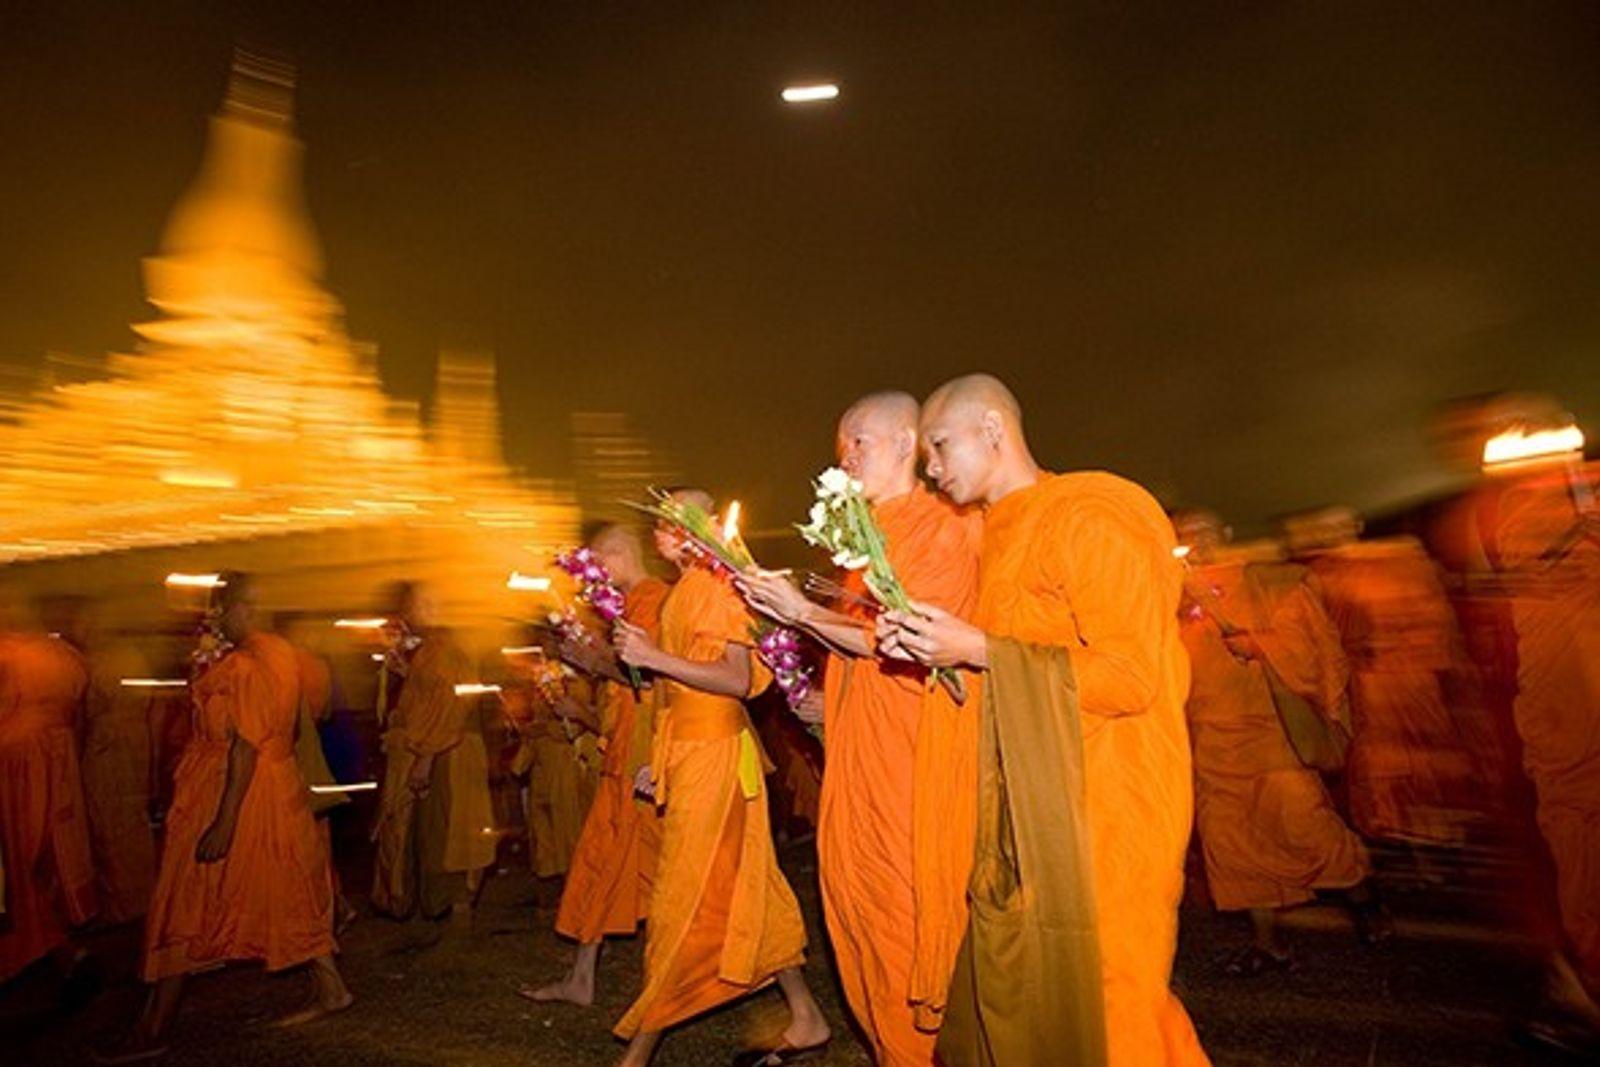 El festival Boun That Luang